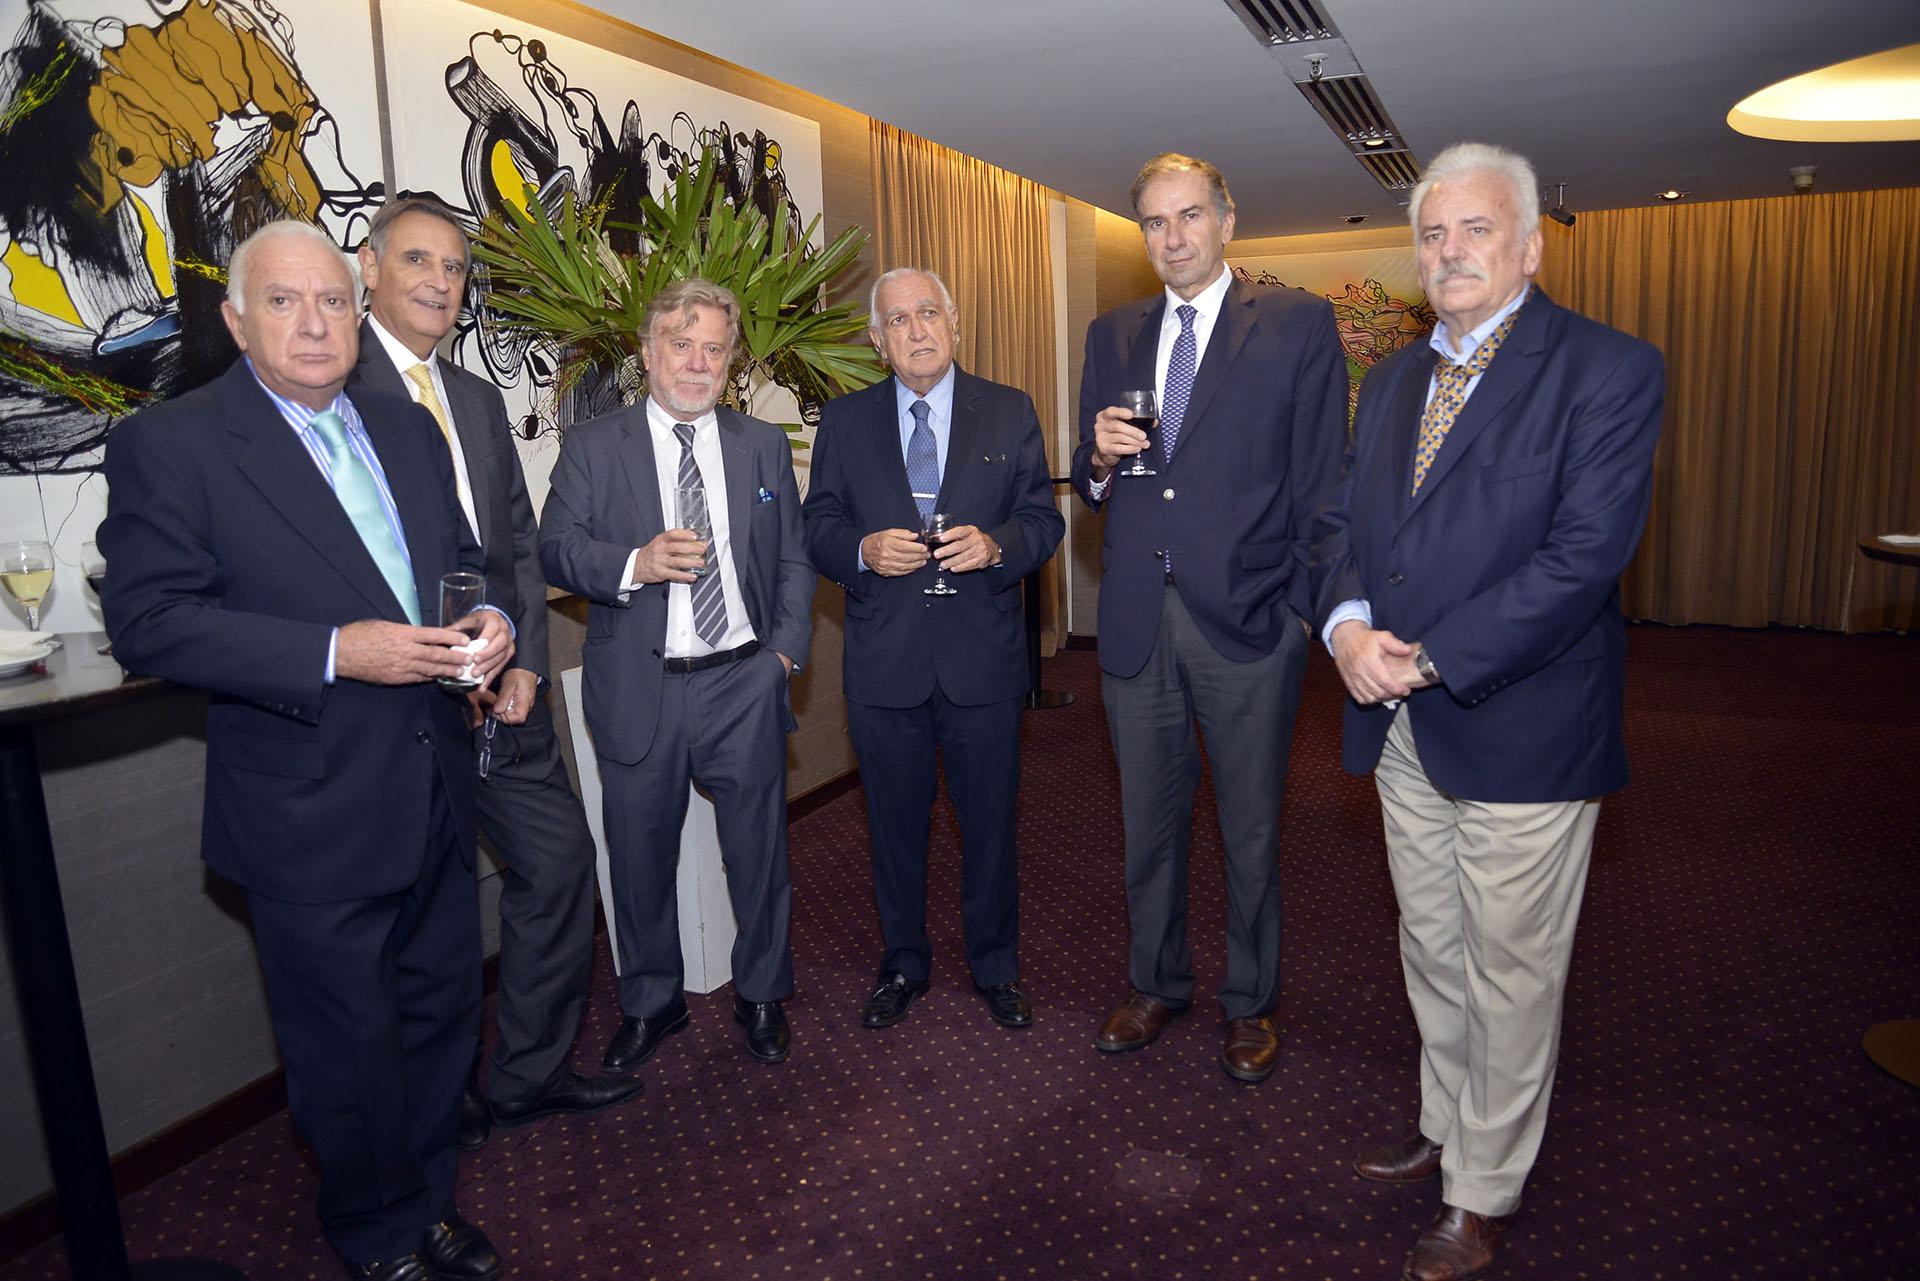 Norberto Frigerio; Hector Aranda; el editor general del diario Clarín, Ricardo Kirschbaum; el jurista Ricardo Gil Lavedra; el senador Humberto Schiavoni